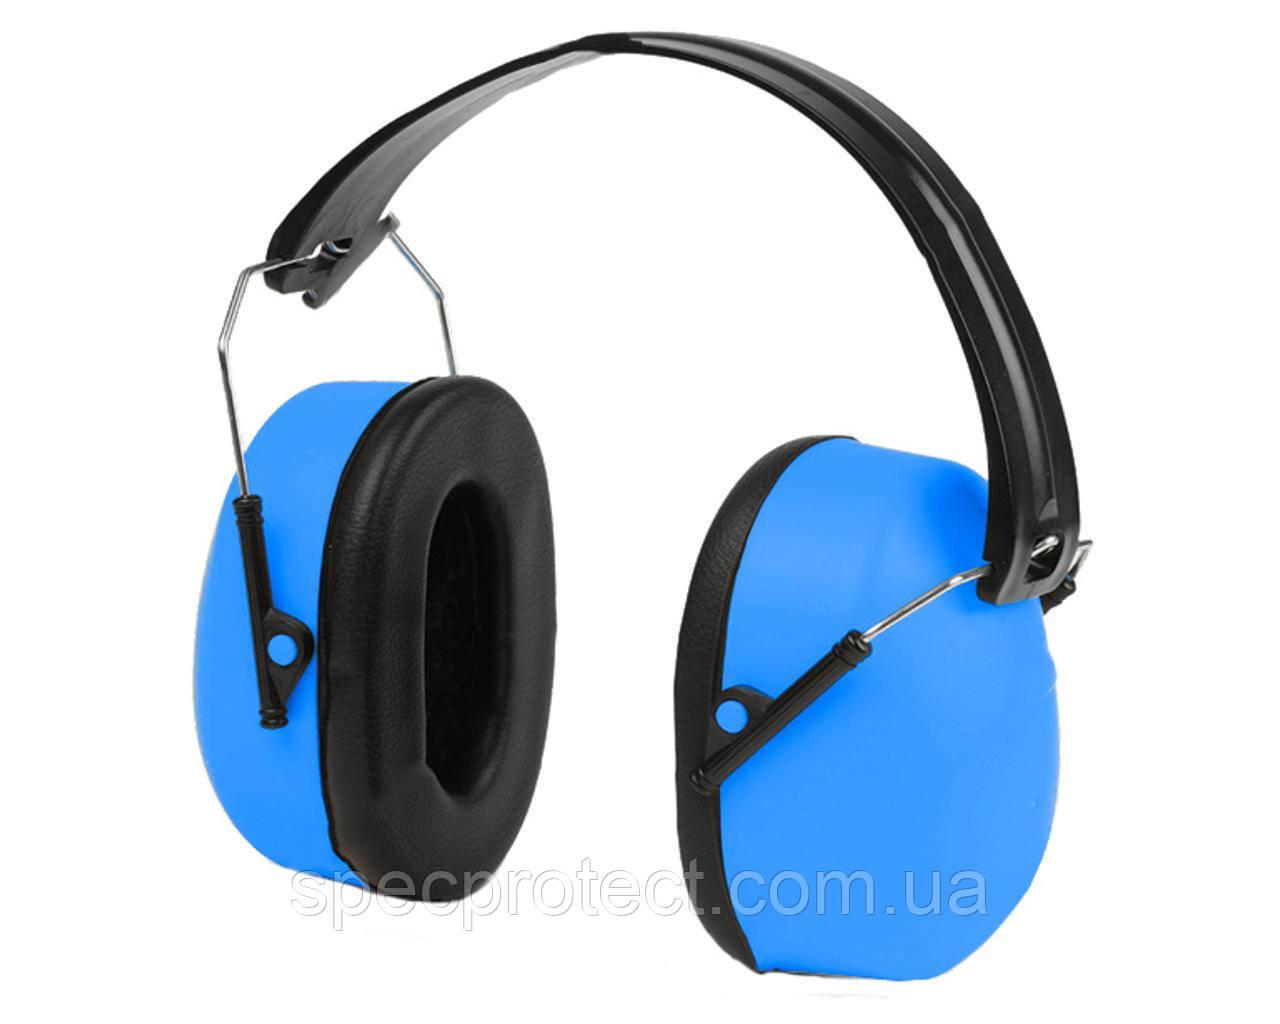 Наушники VITA с шумоподавлением SNR 26 dB складные с металлическими дужками